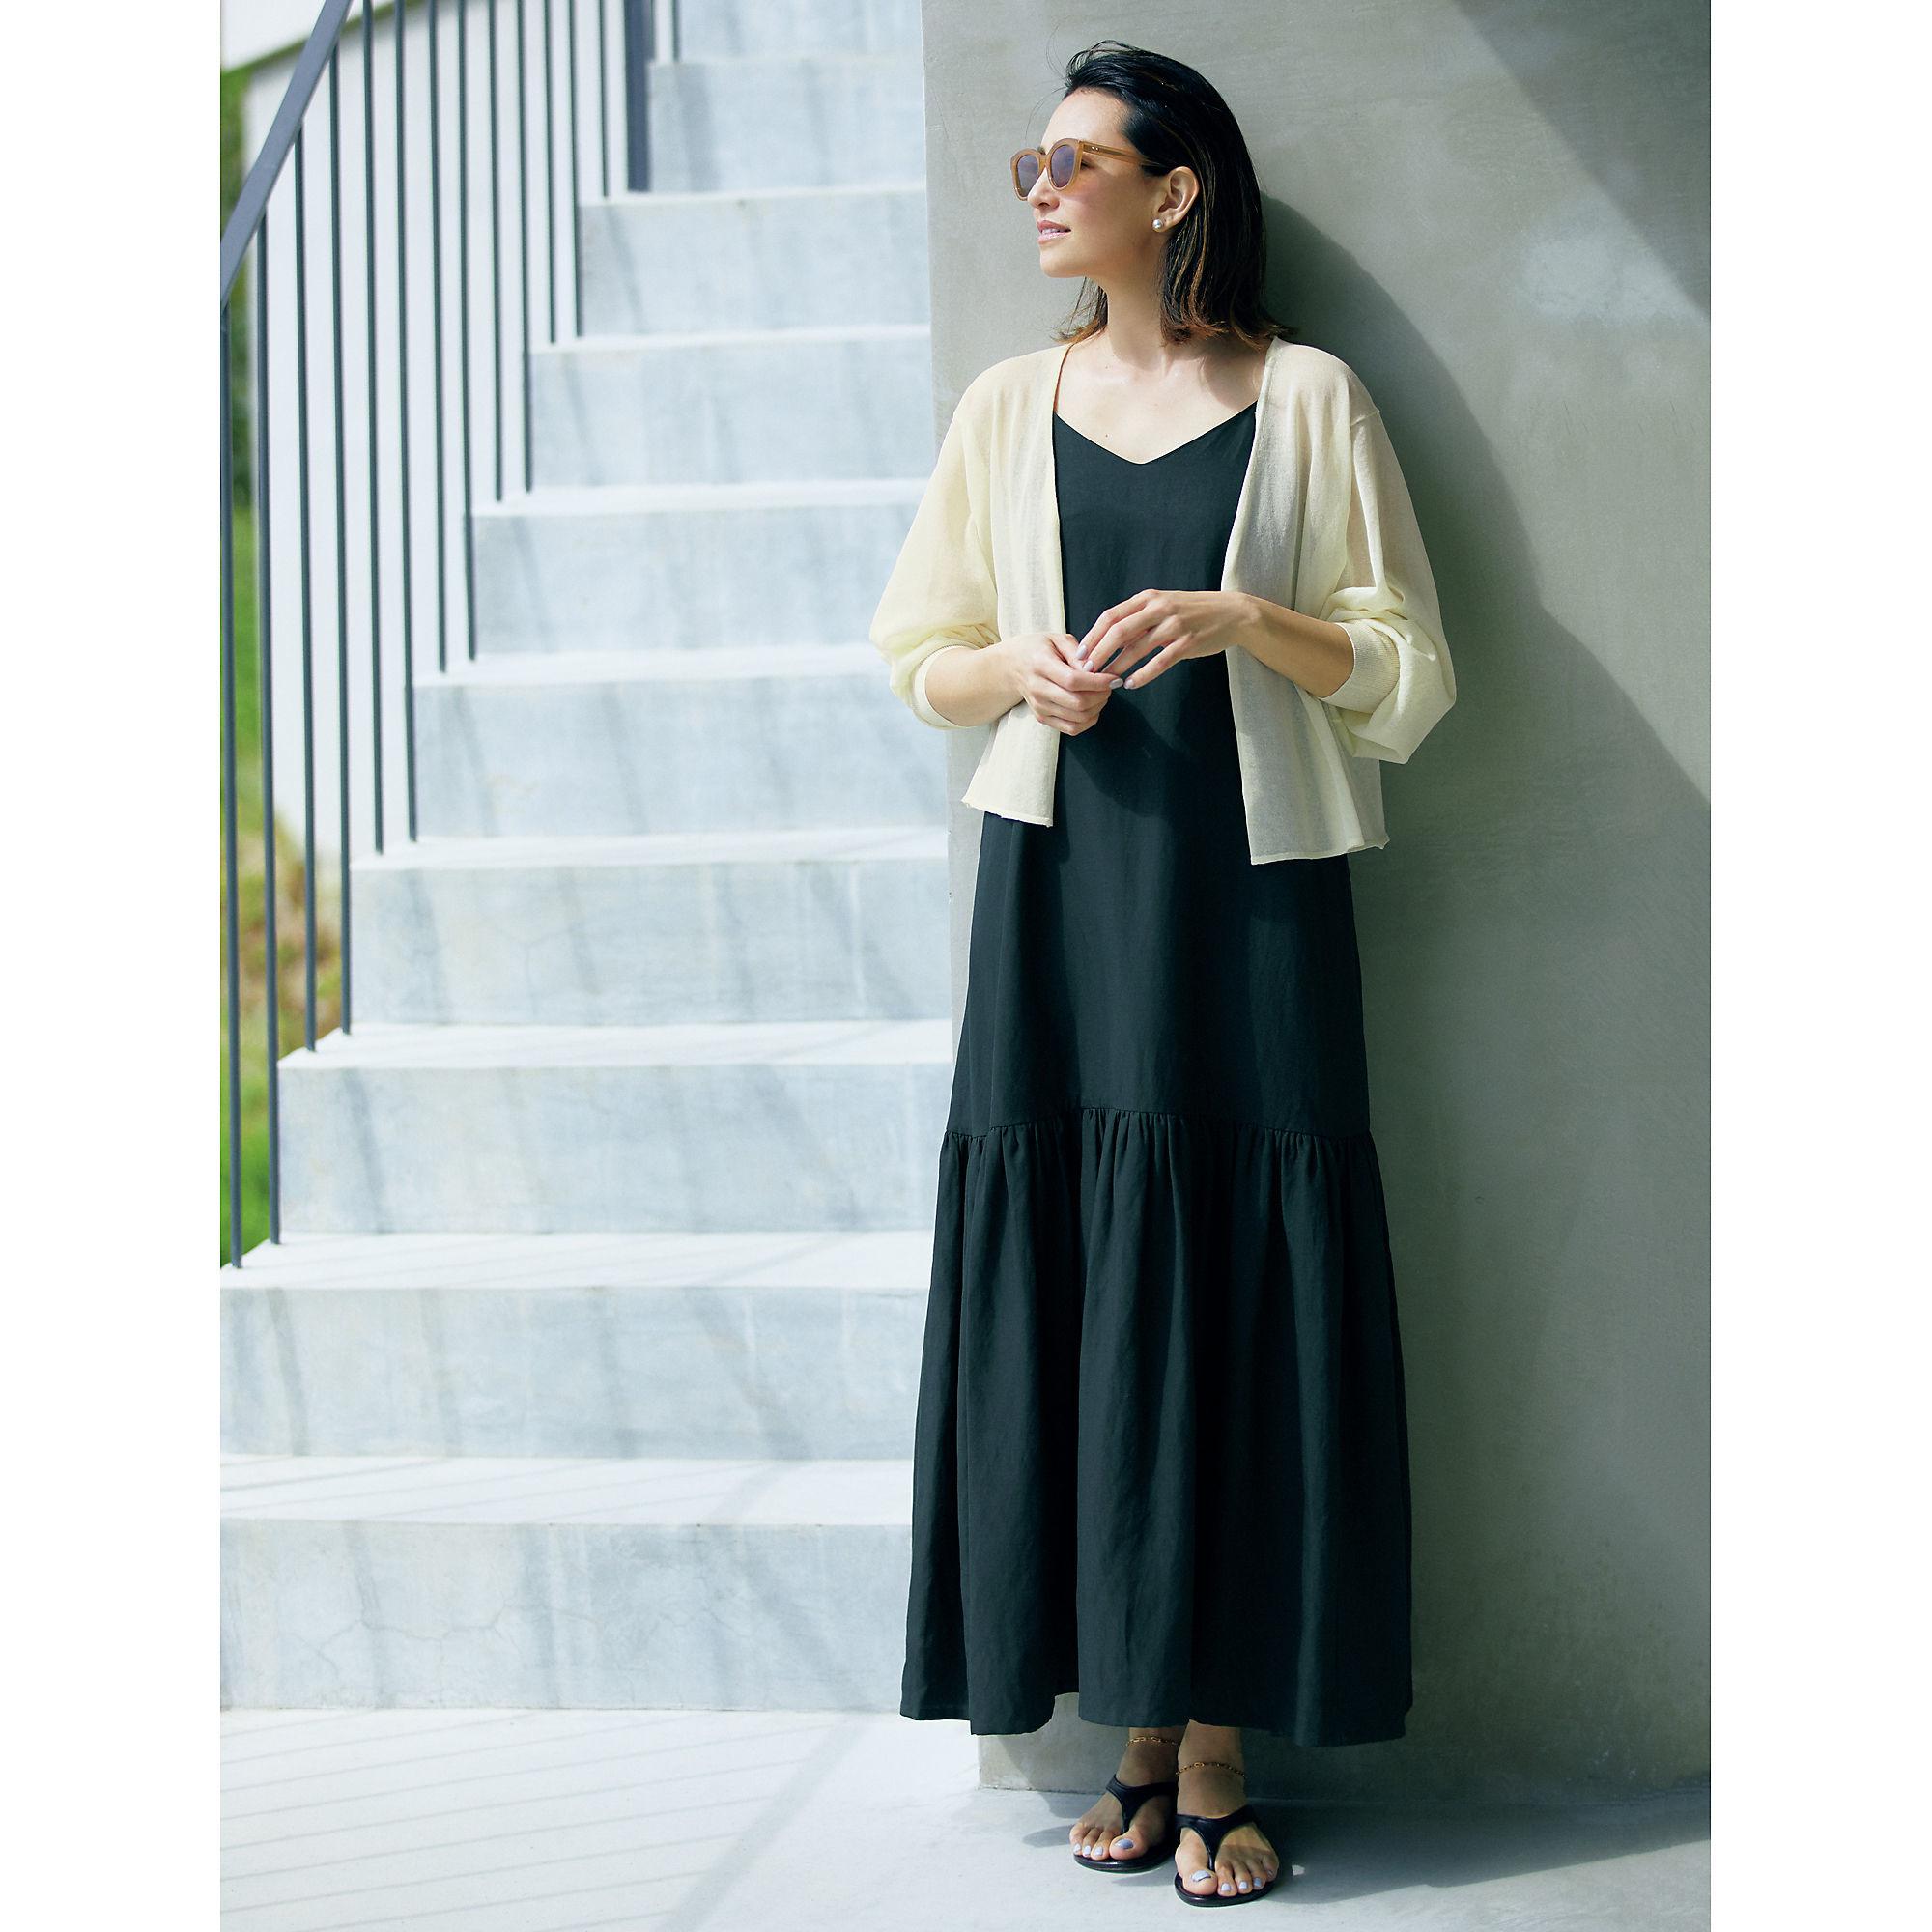 涼しい素材&デザインだけ!信頼ブランドの「真夏も快適」な服_1_4